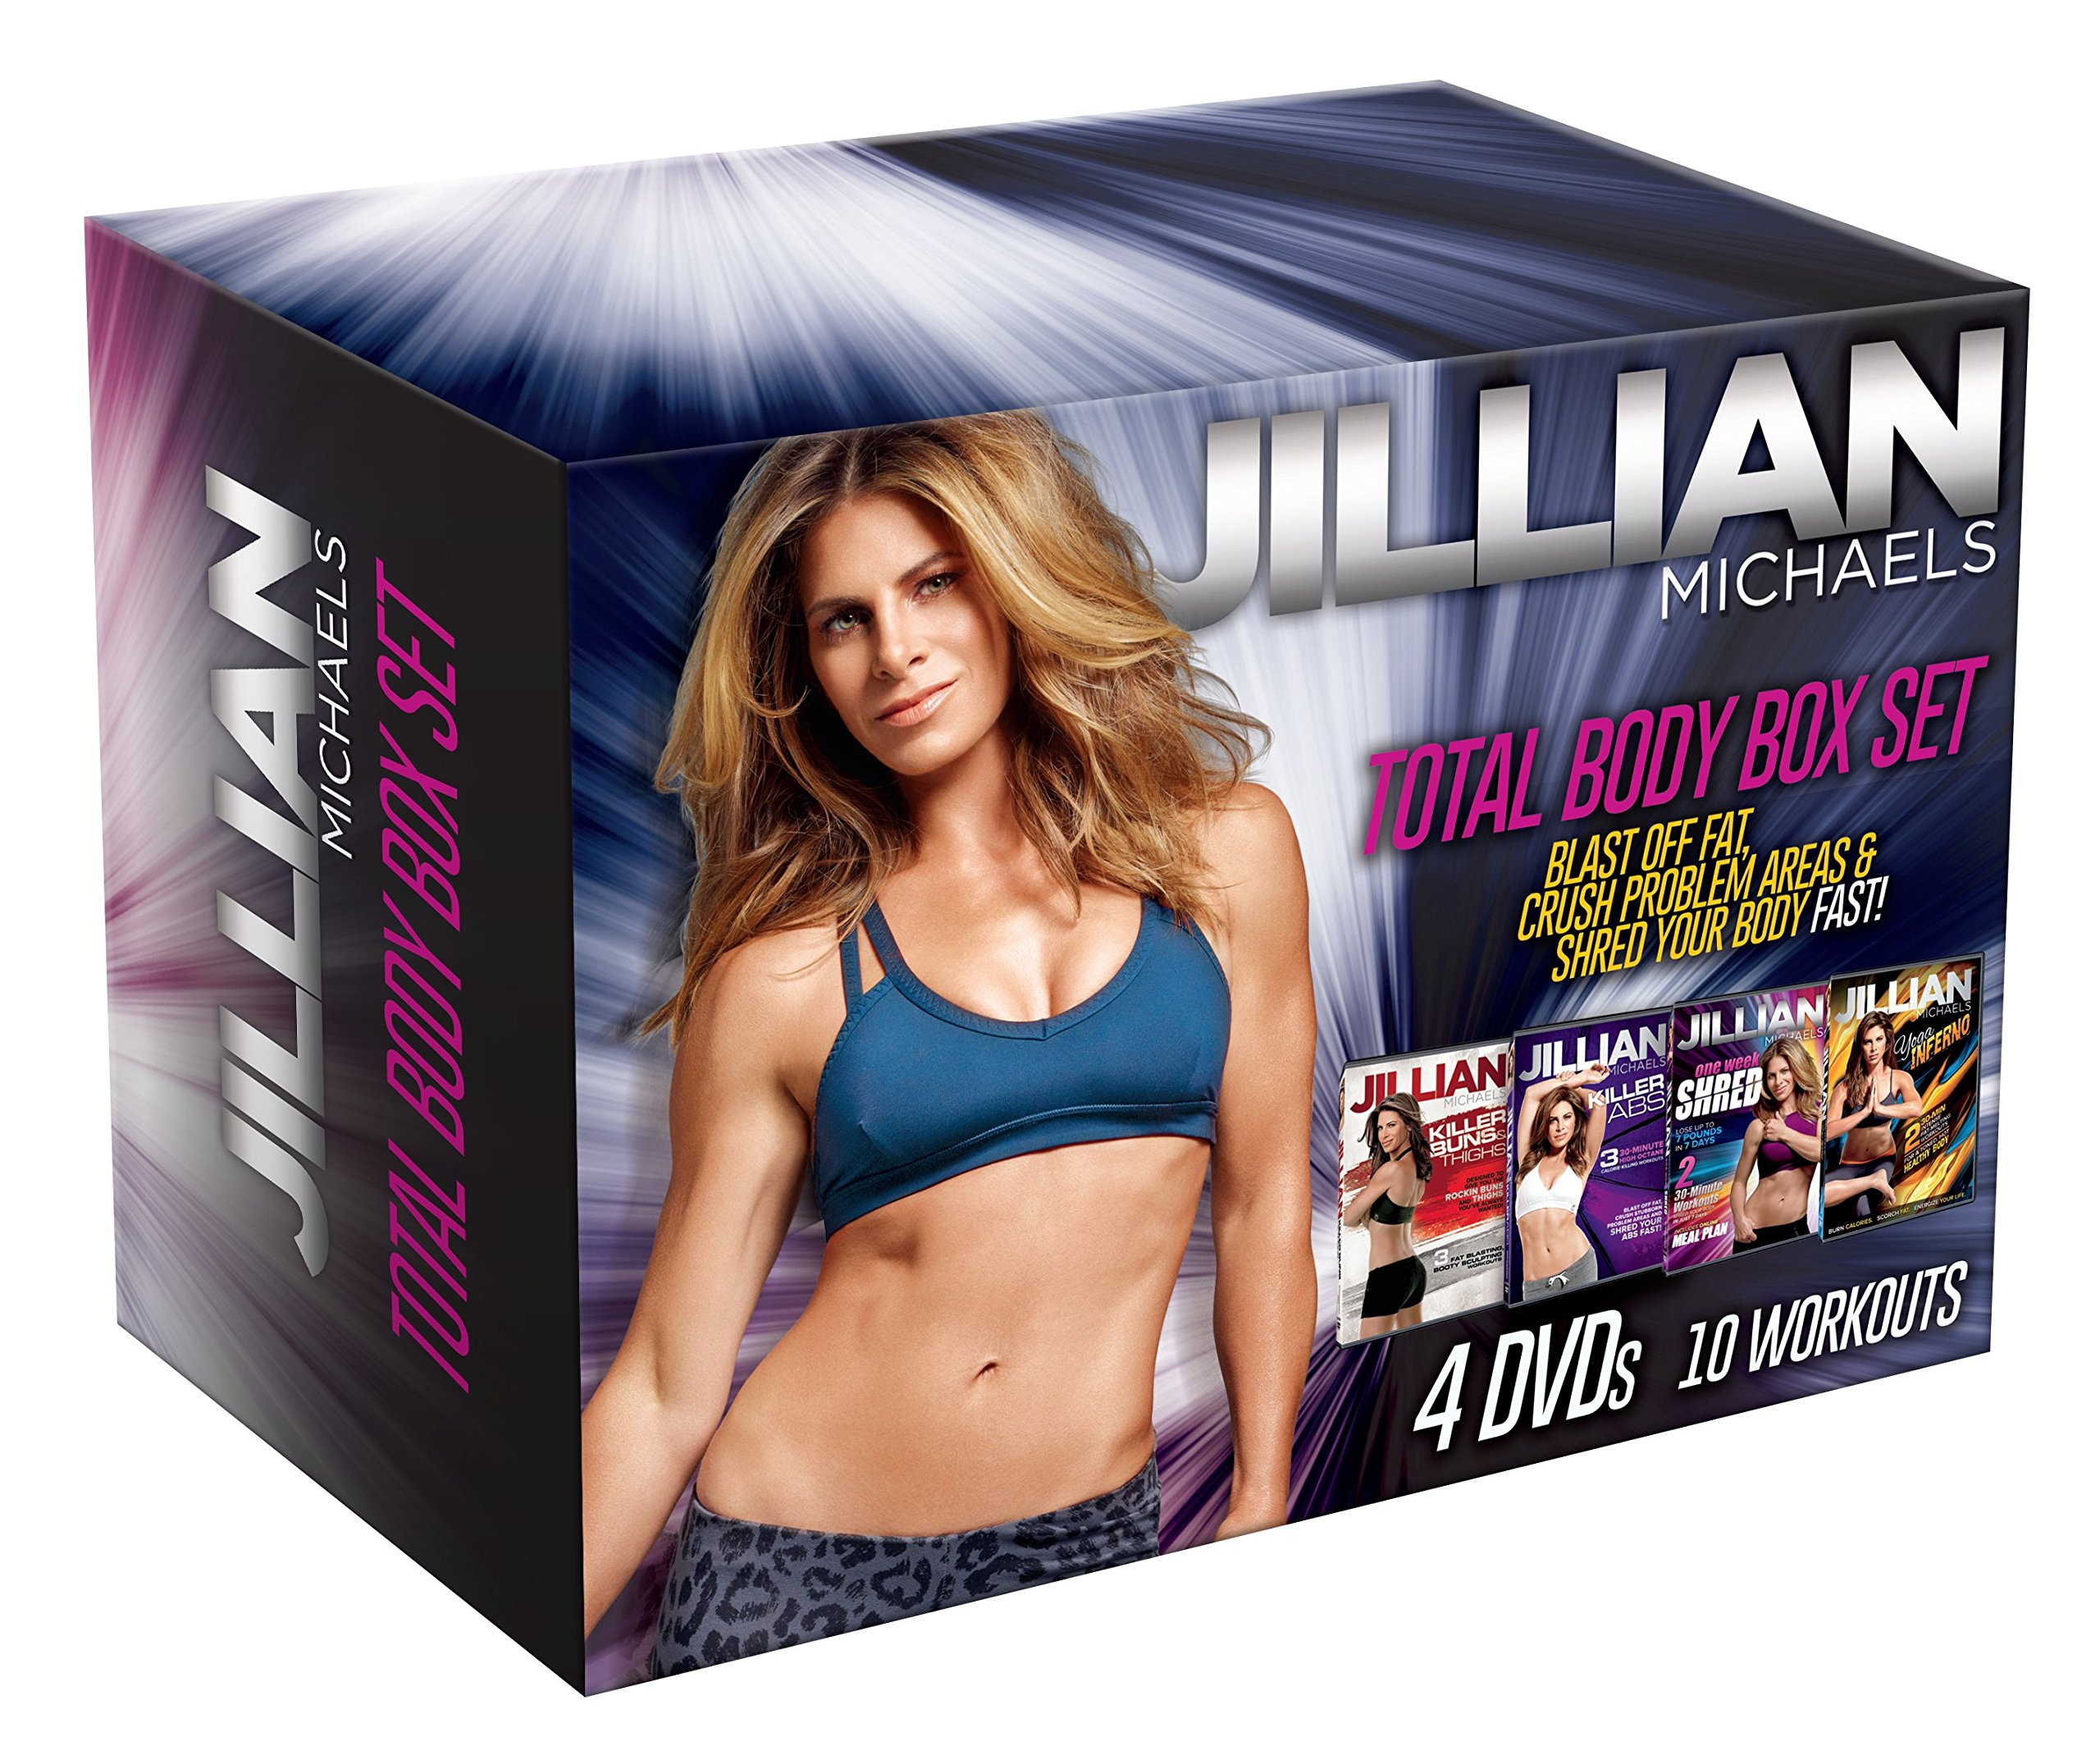 Jillian Michaels Total Body Box Set